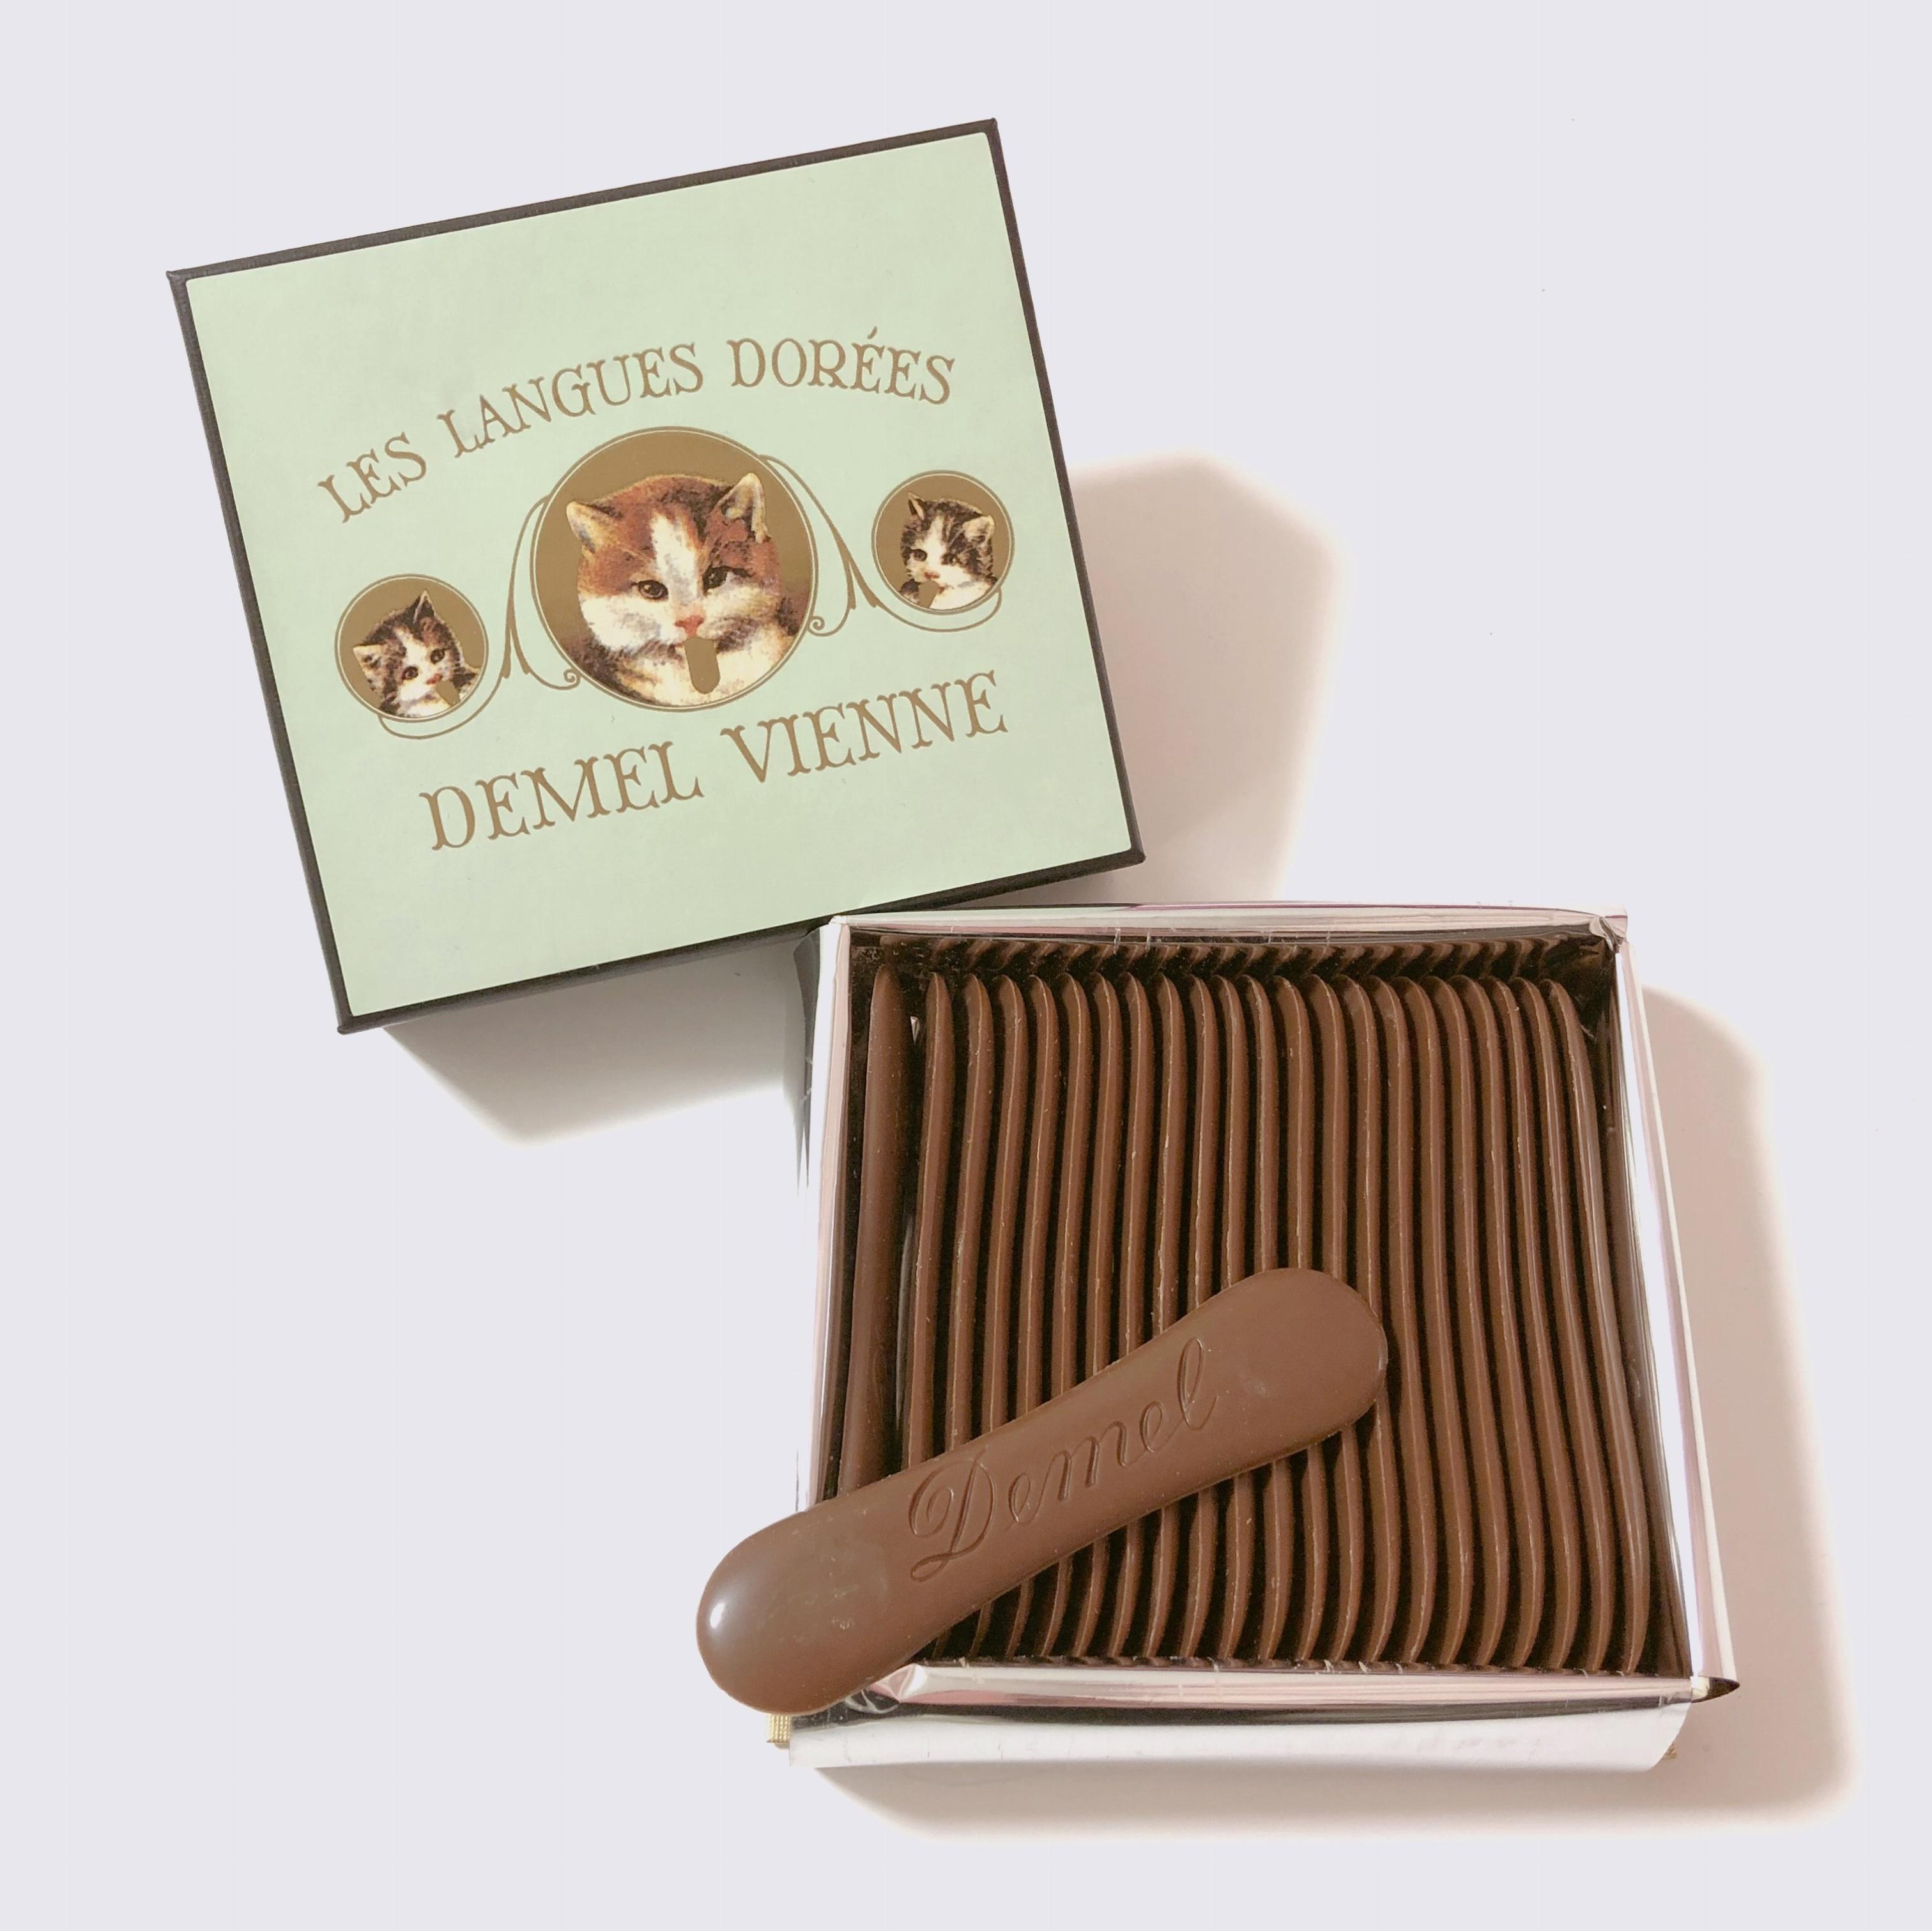 頑張ったご褒美にも♡ かわいいだけじゃない!デメルの美味しい『 猫の舌チョコレート 』はいかが?_2